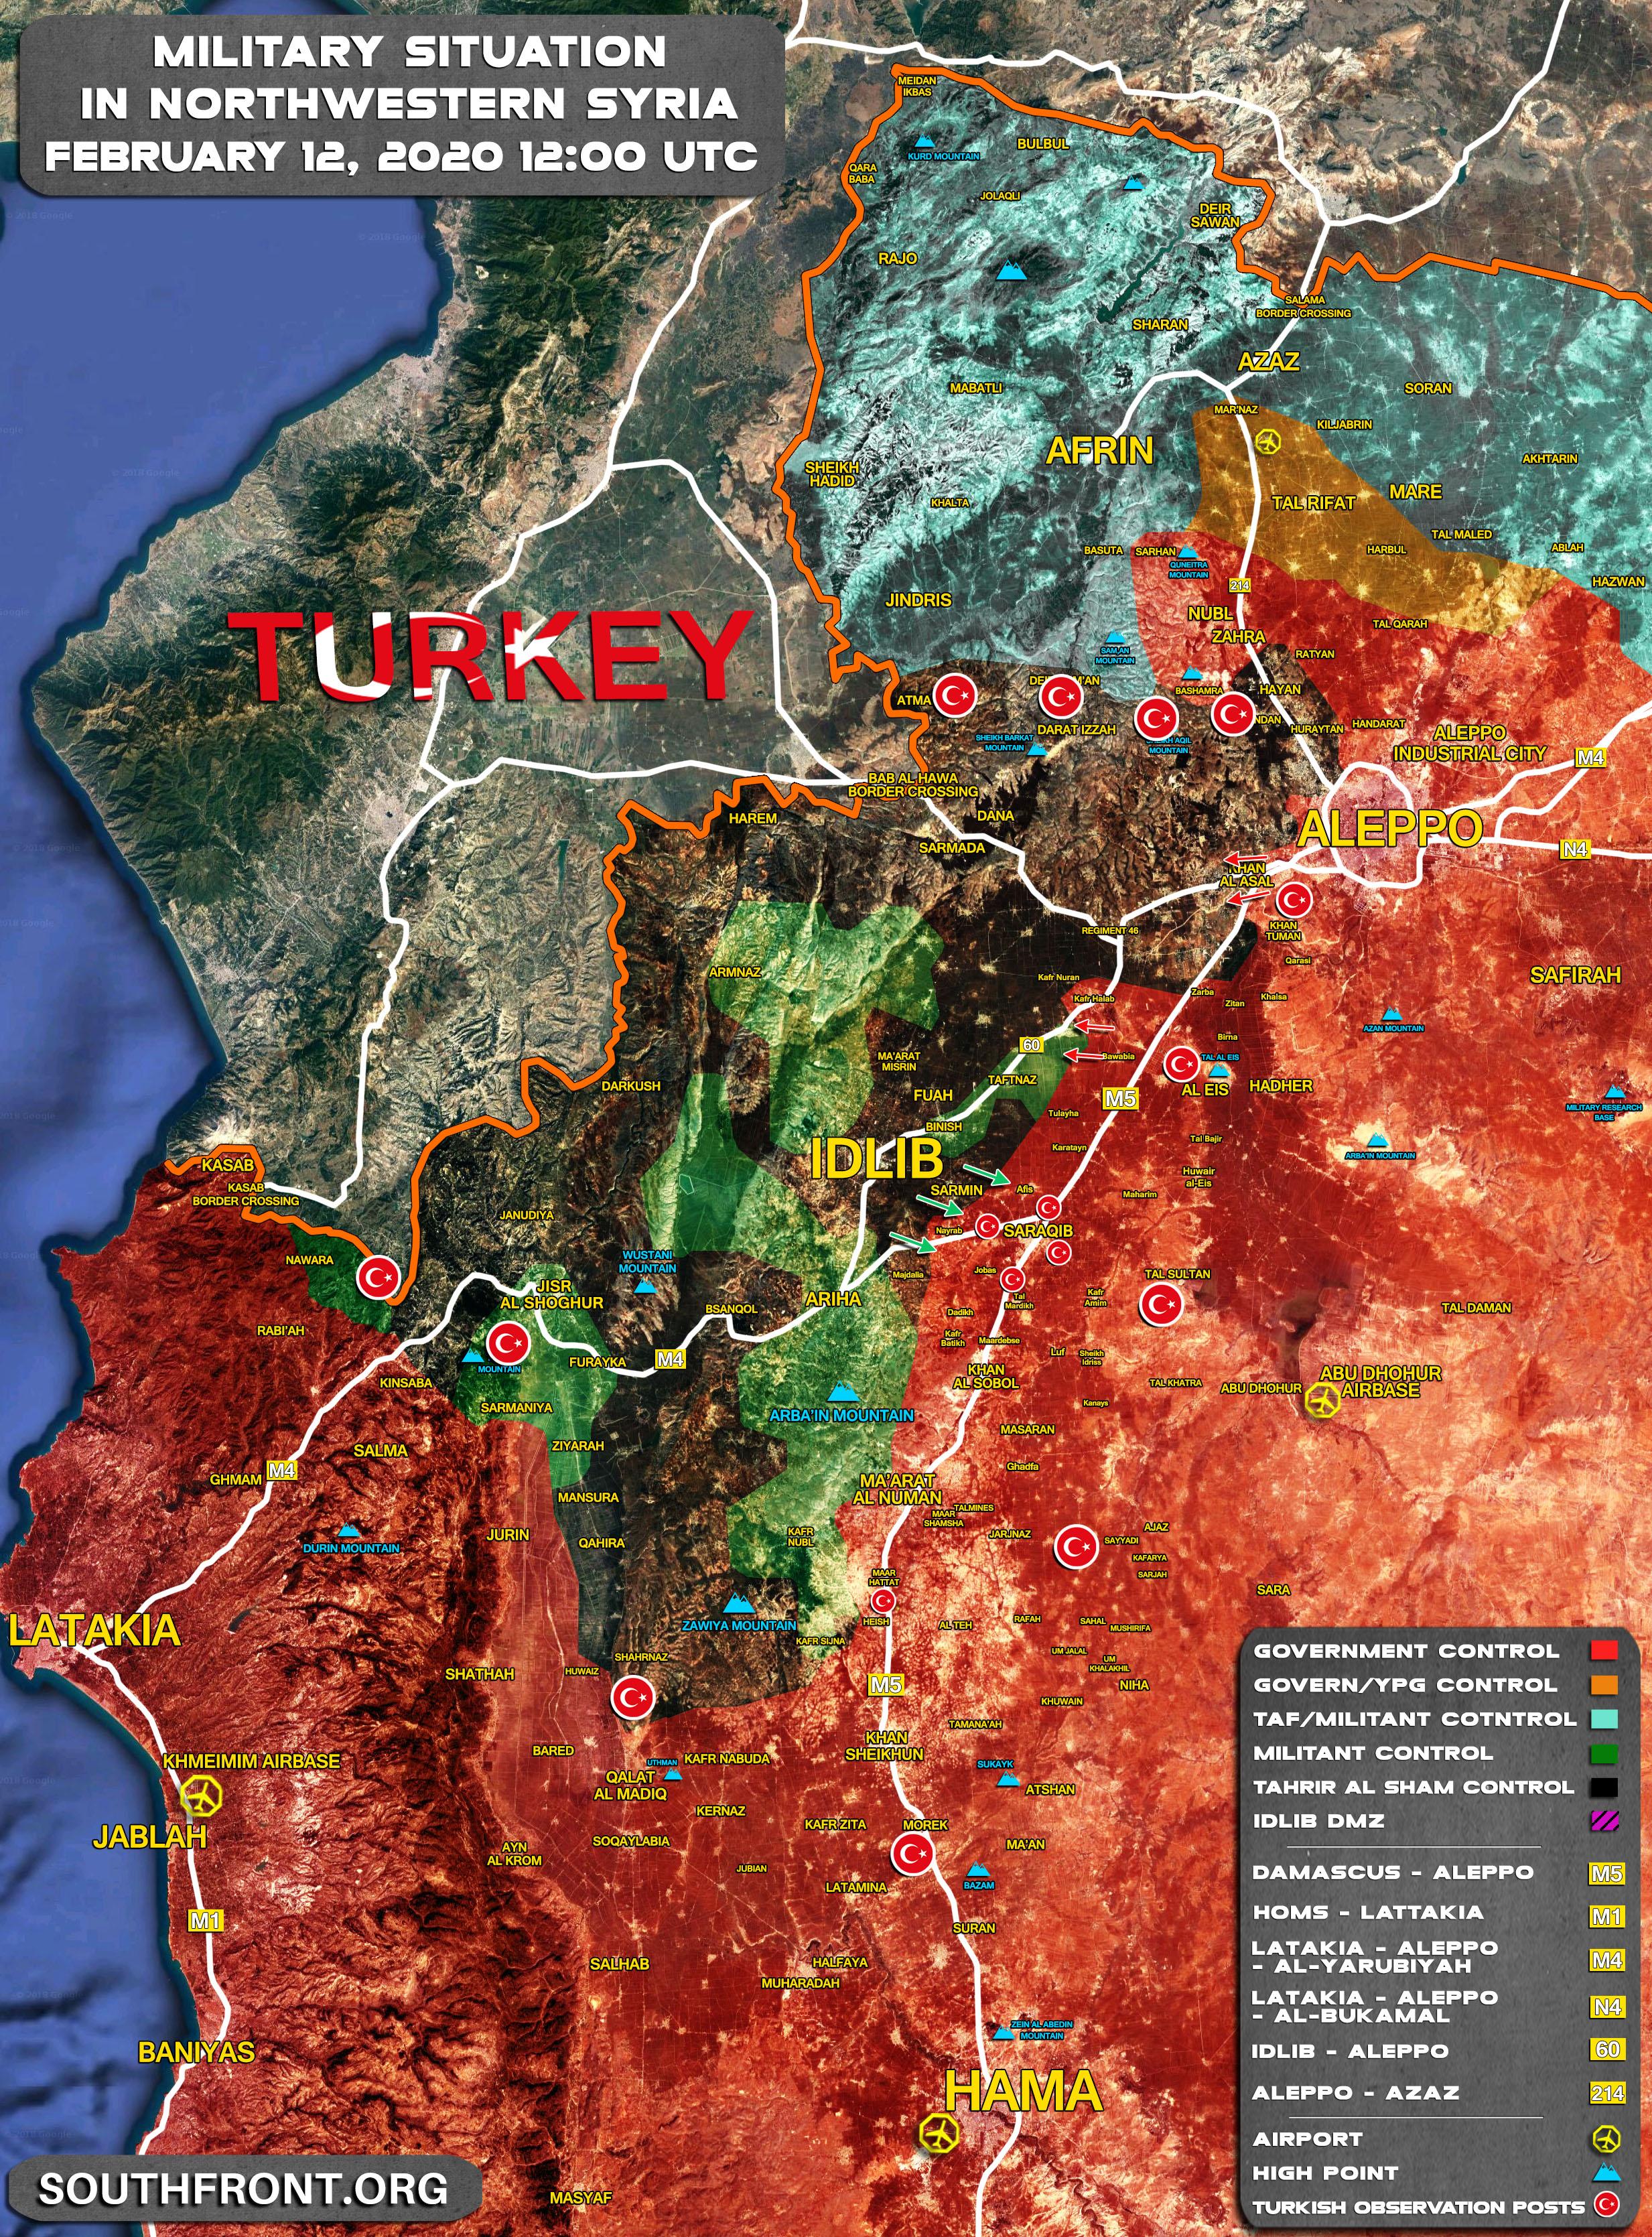 Syrian War: News #20 - Page 29 12feb_NorthWest_Syria_Map